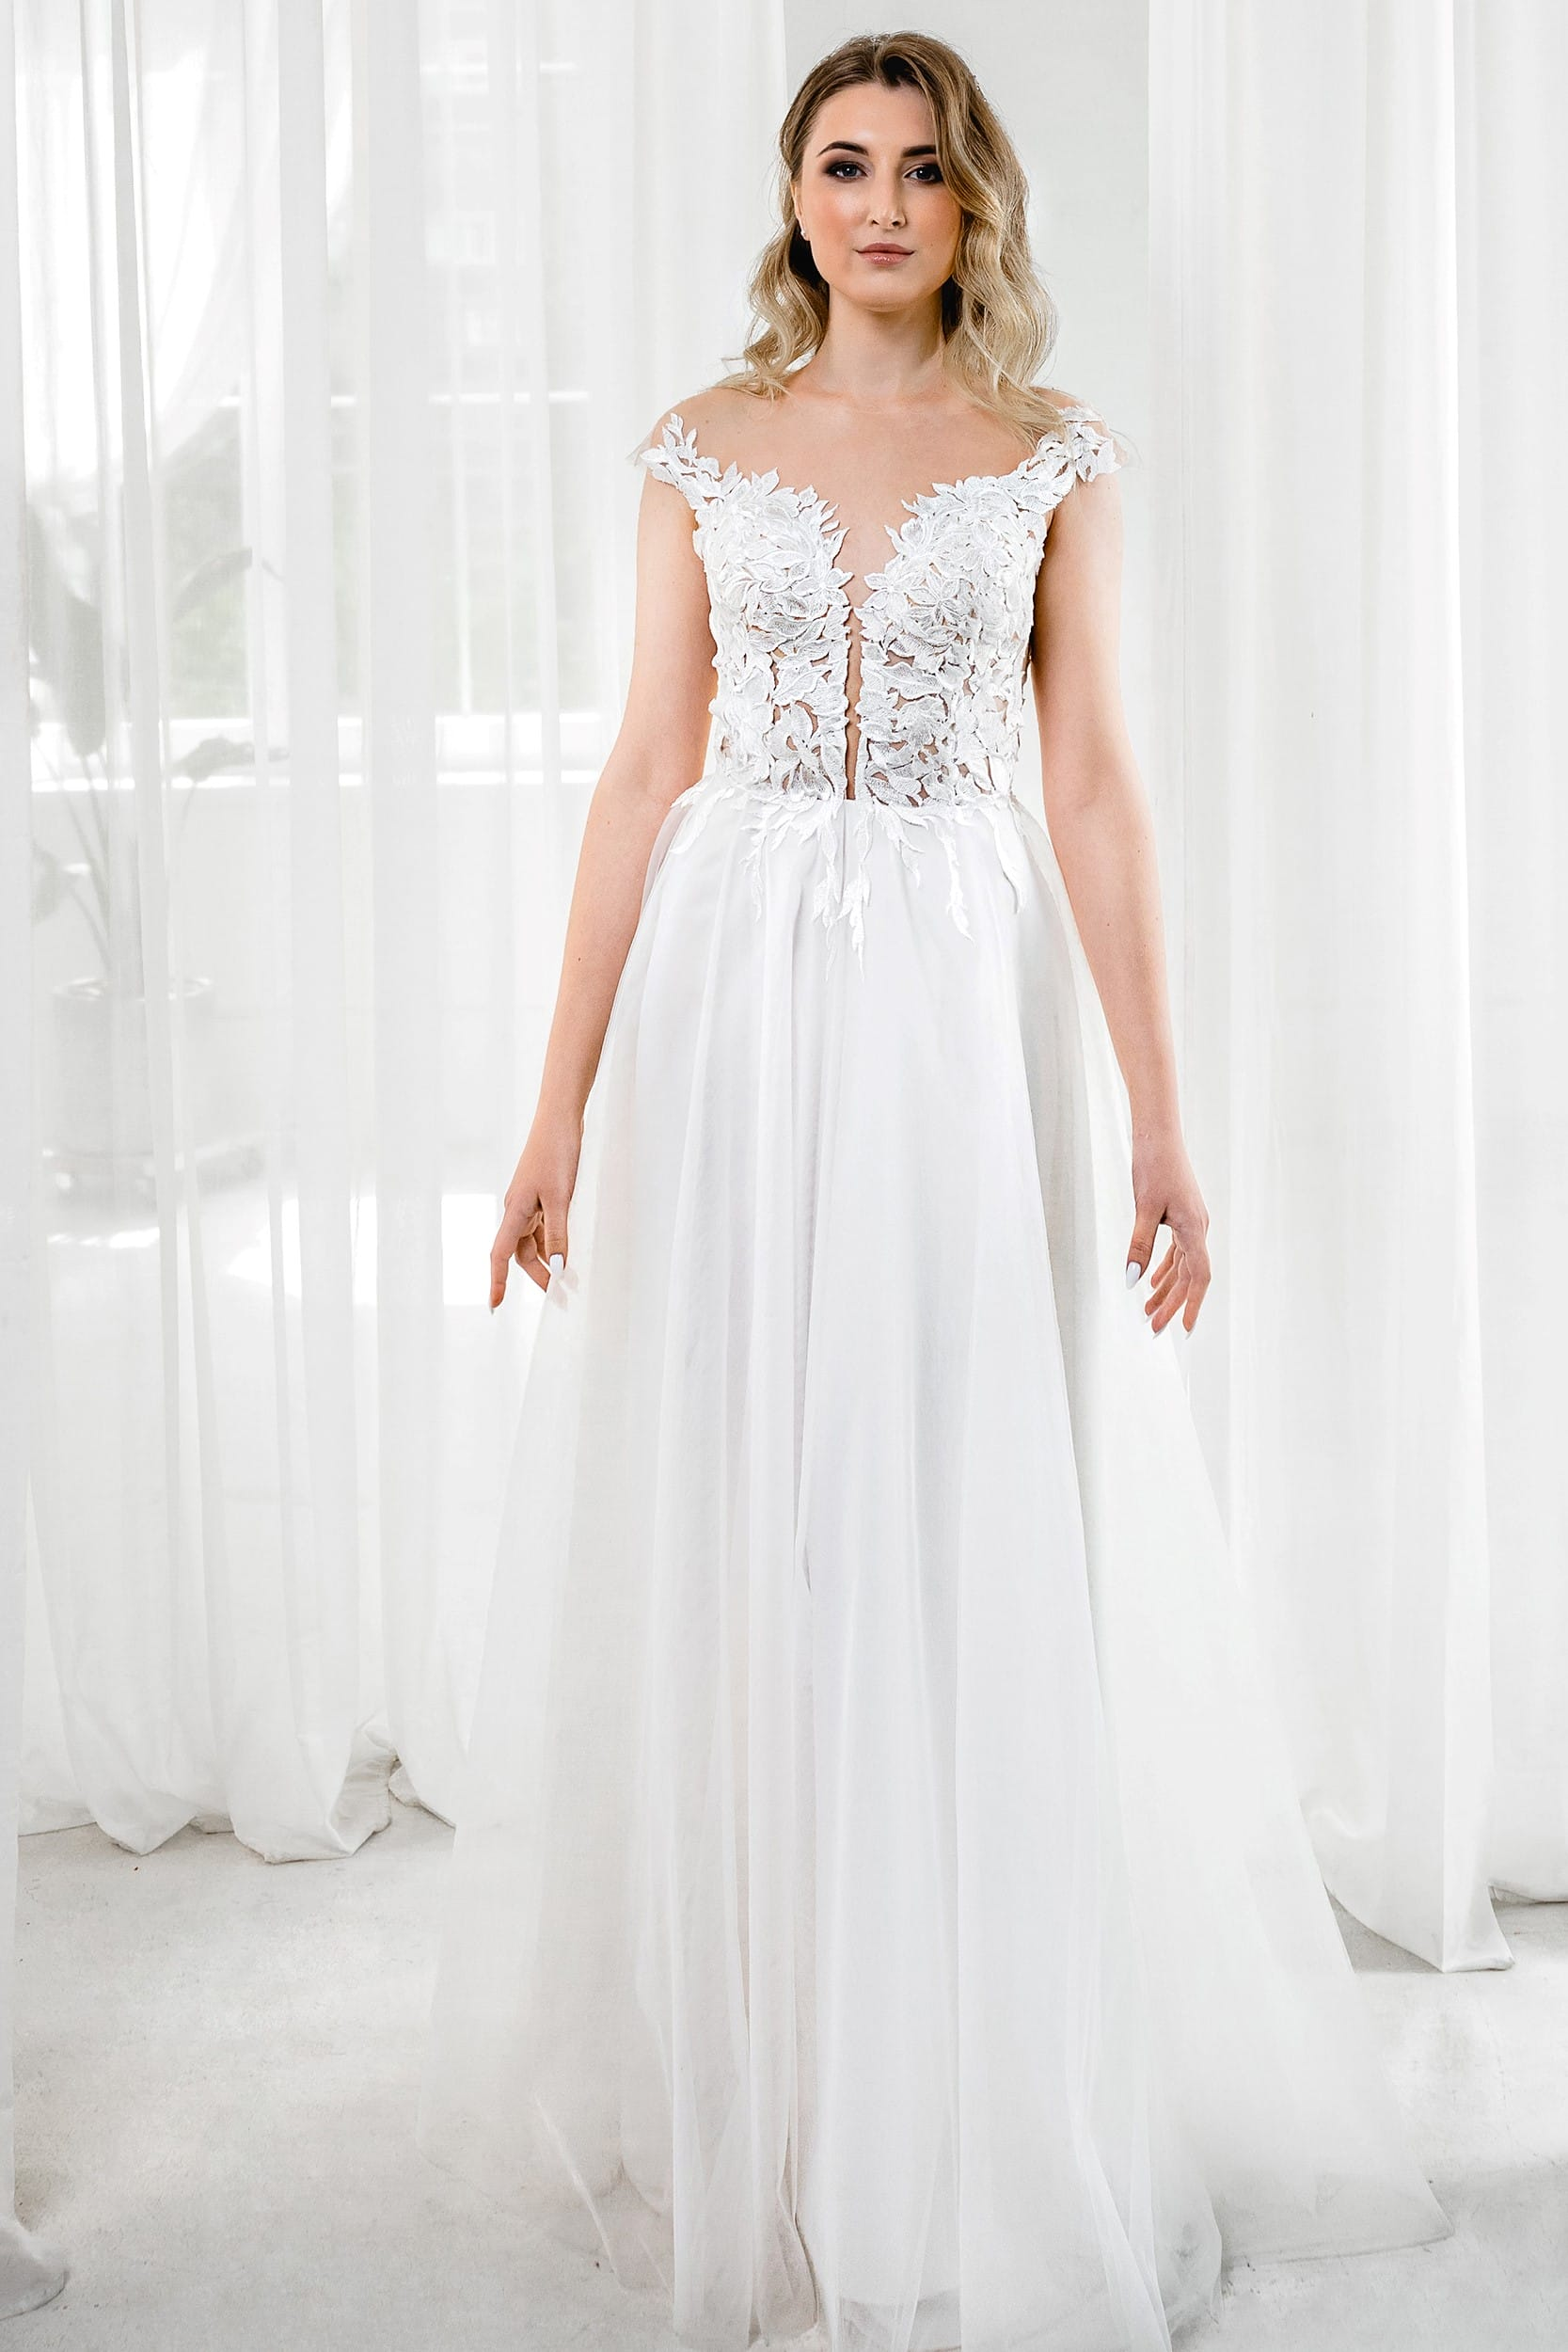 Свадебное платье без рукавов с открытой спиной и открытым декольте цвет молочный классический стиль а-силуэт